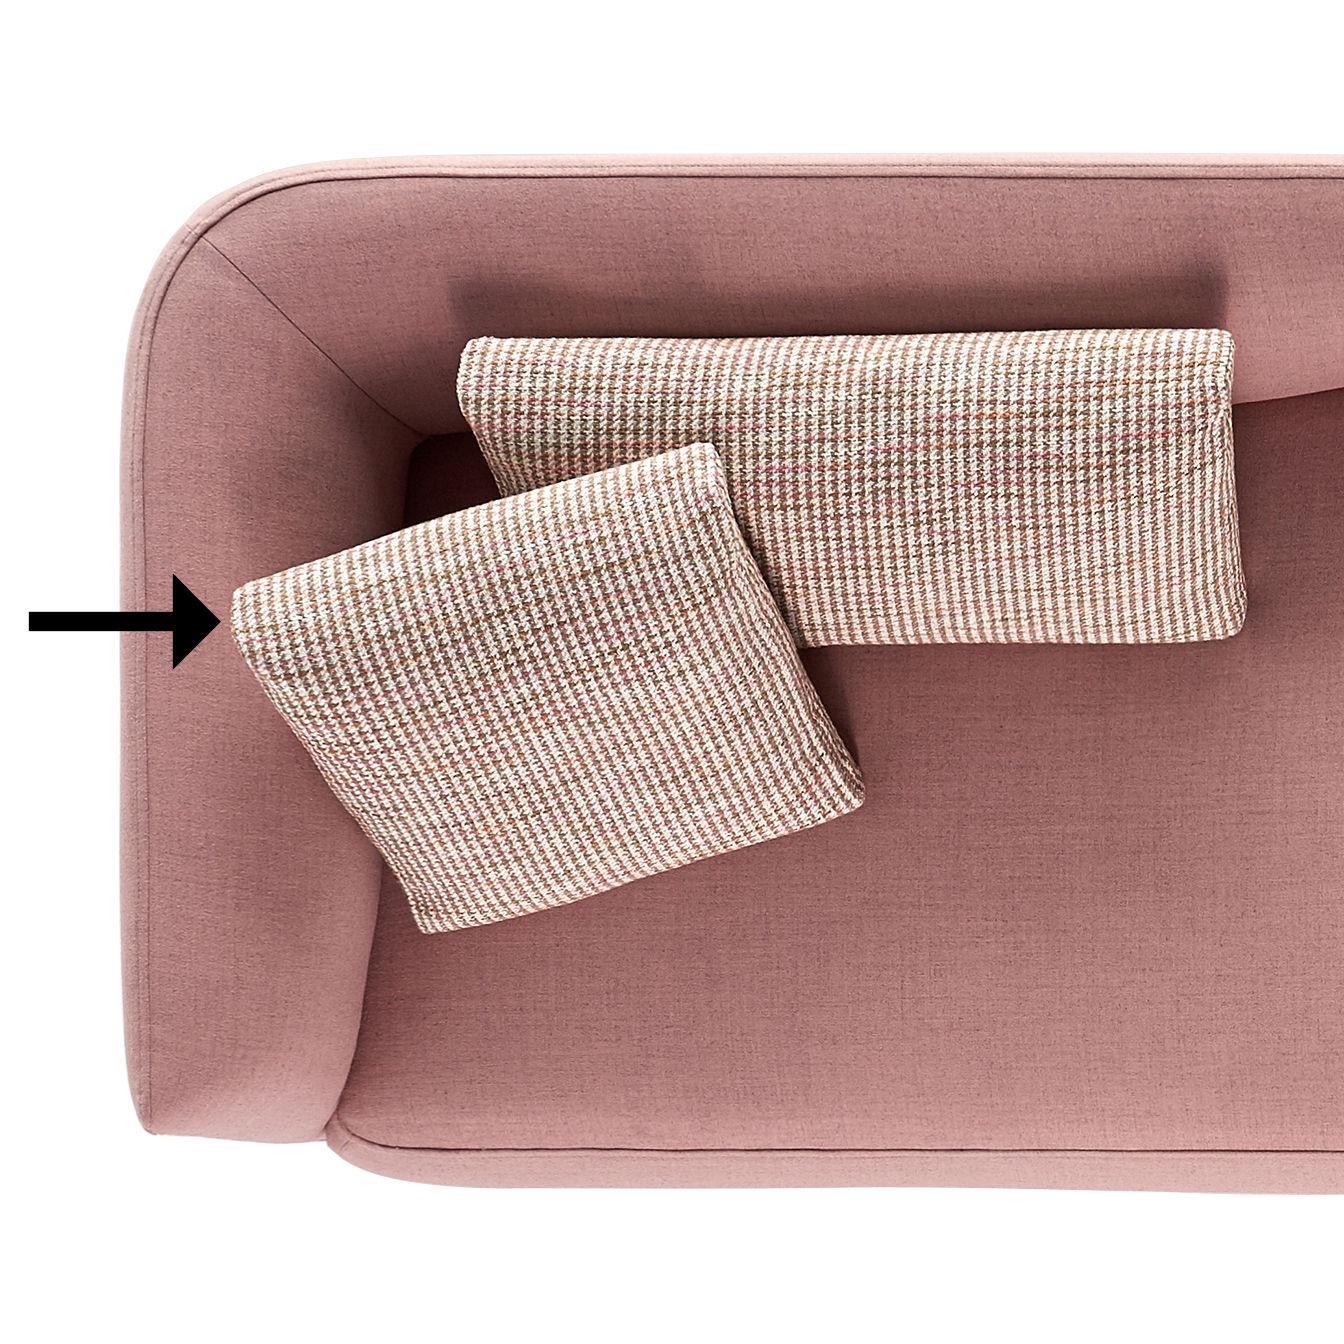 Mobilier - Canapés - Accessoire canapé Cosy / Coussin pour canapé Cosy - 50 x 50 - MDF Italia - Coussin / 50 x 50 cm -  Plumes, Tissu